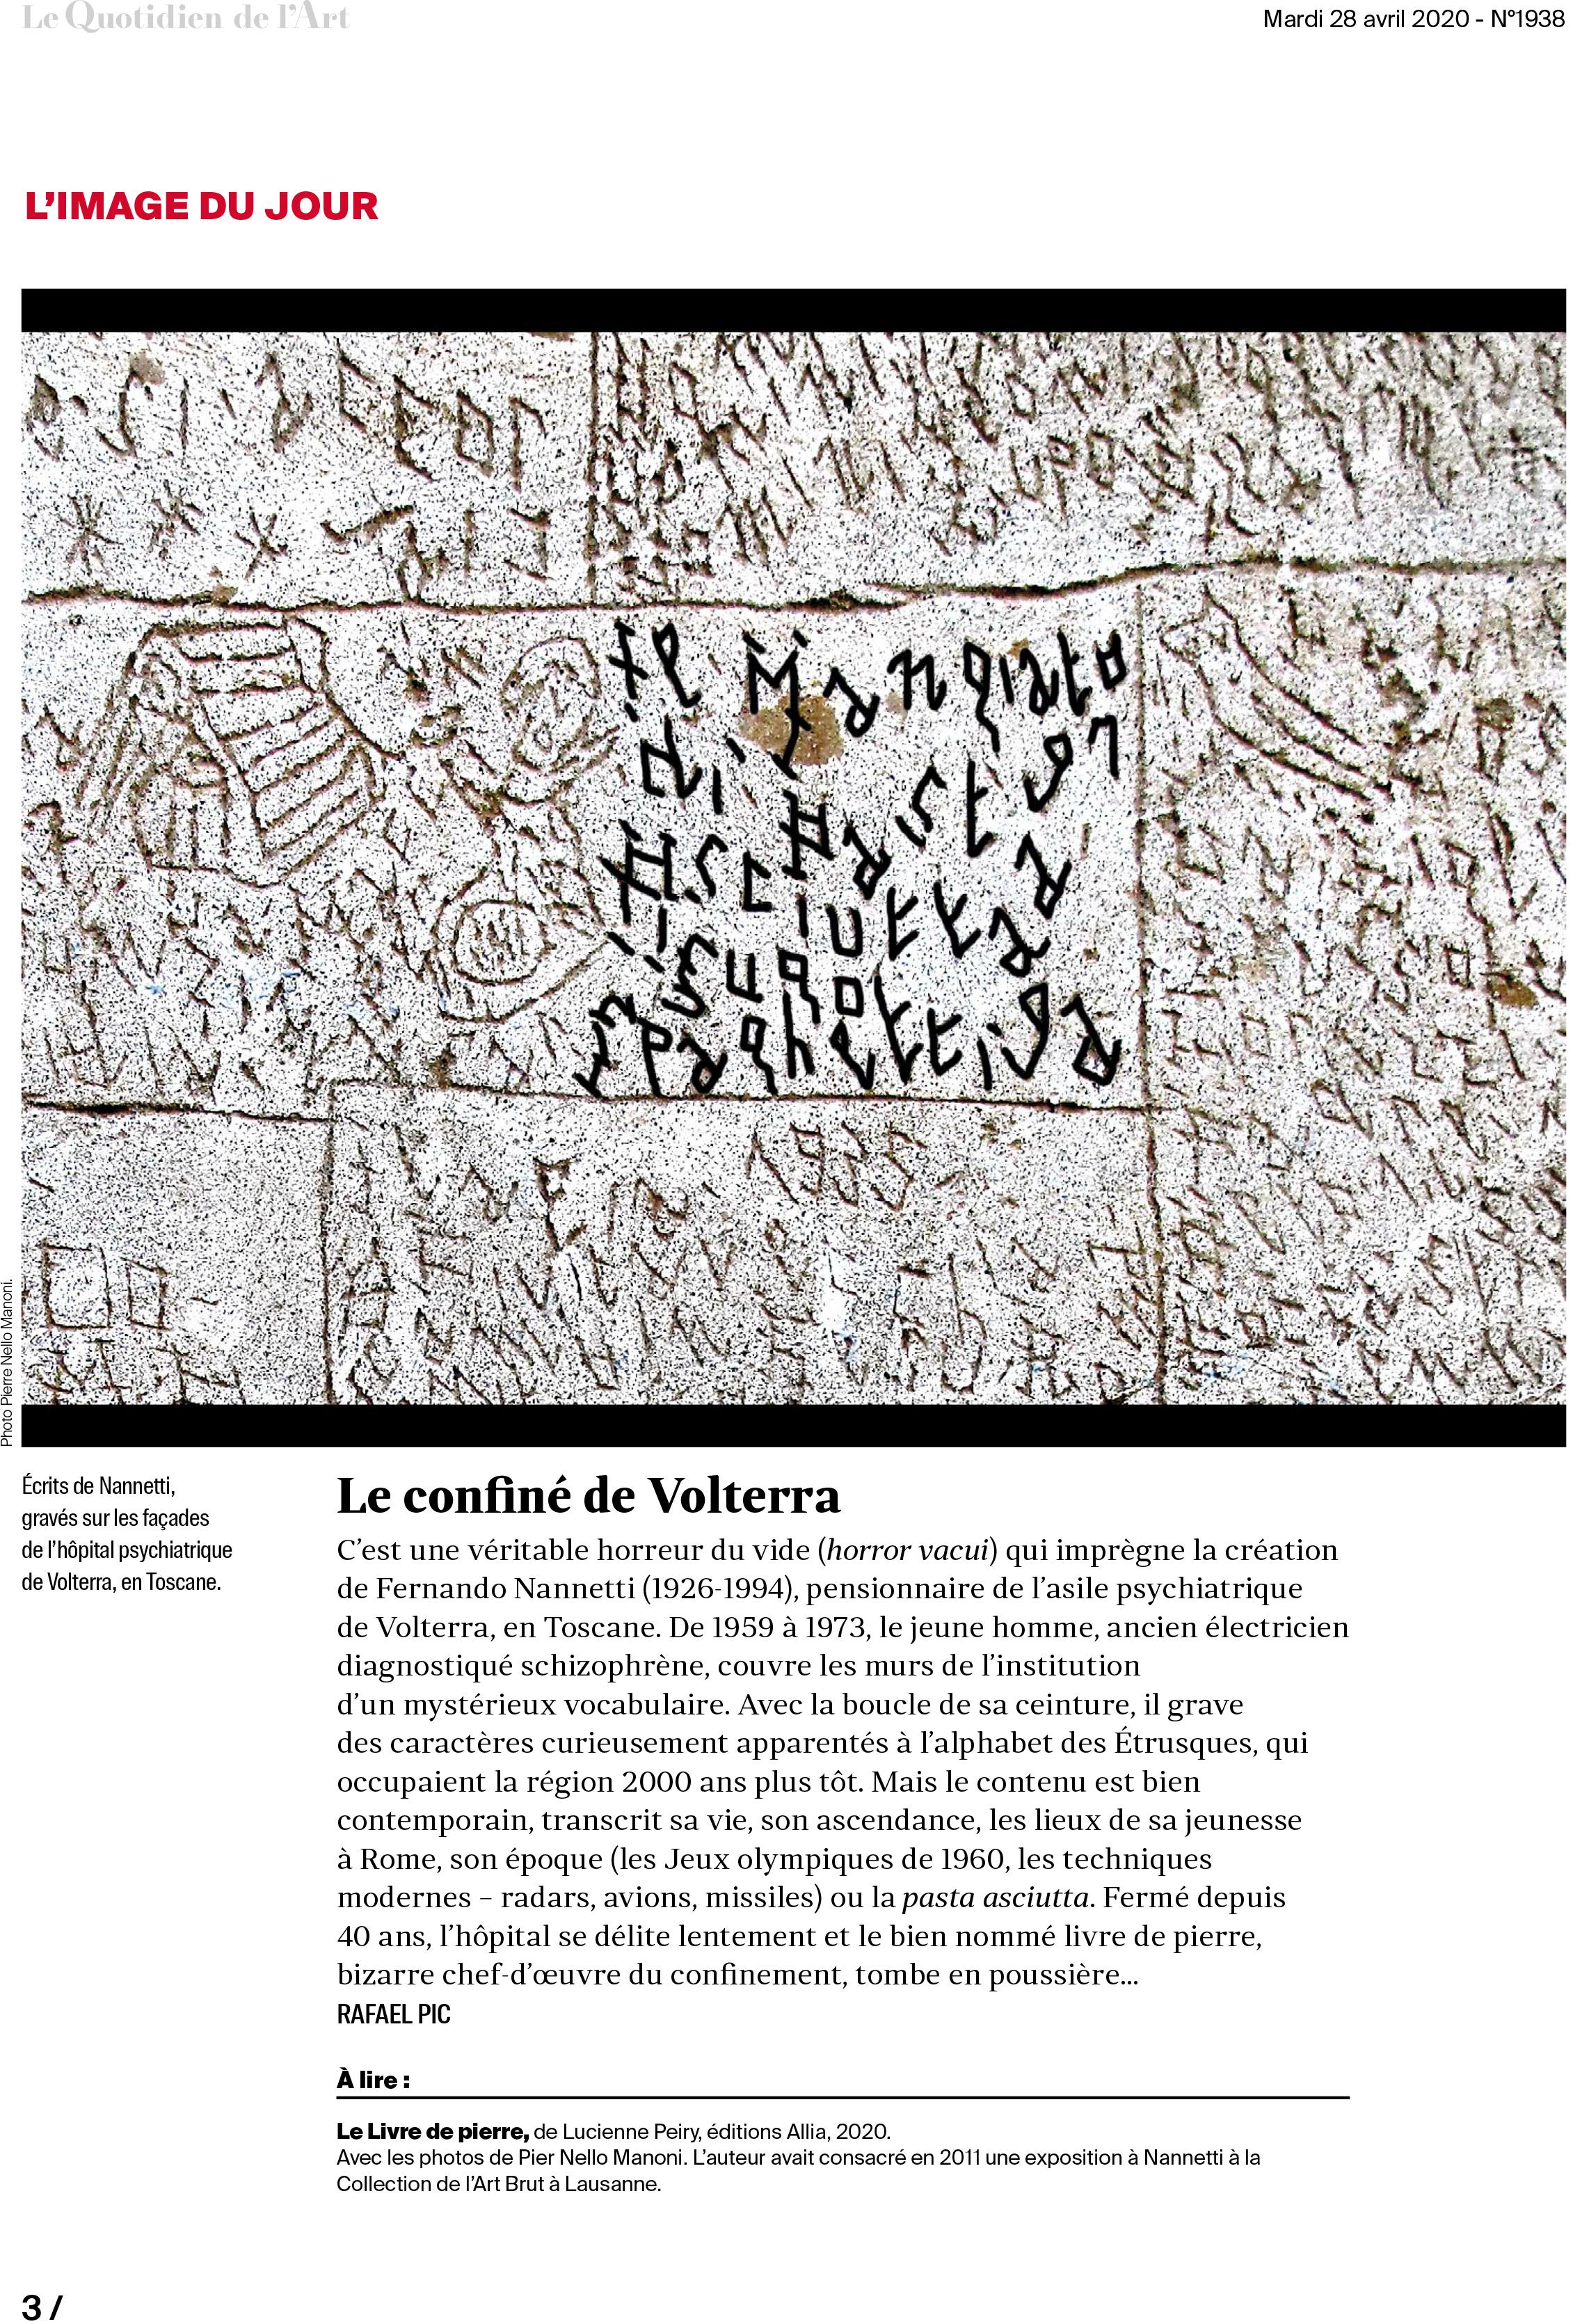 Article paru dans Le Quotidien de l'Art, le 28.04.2020